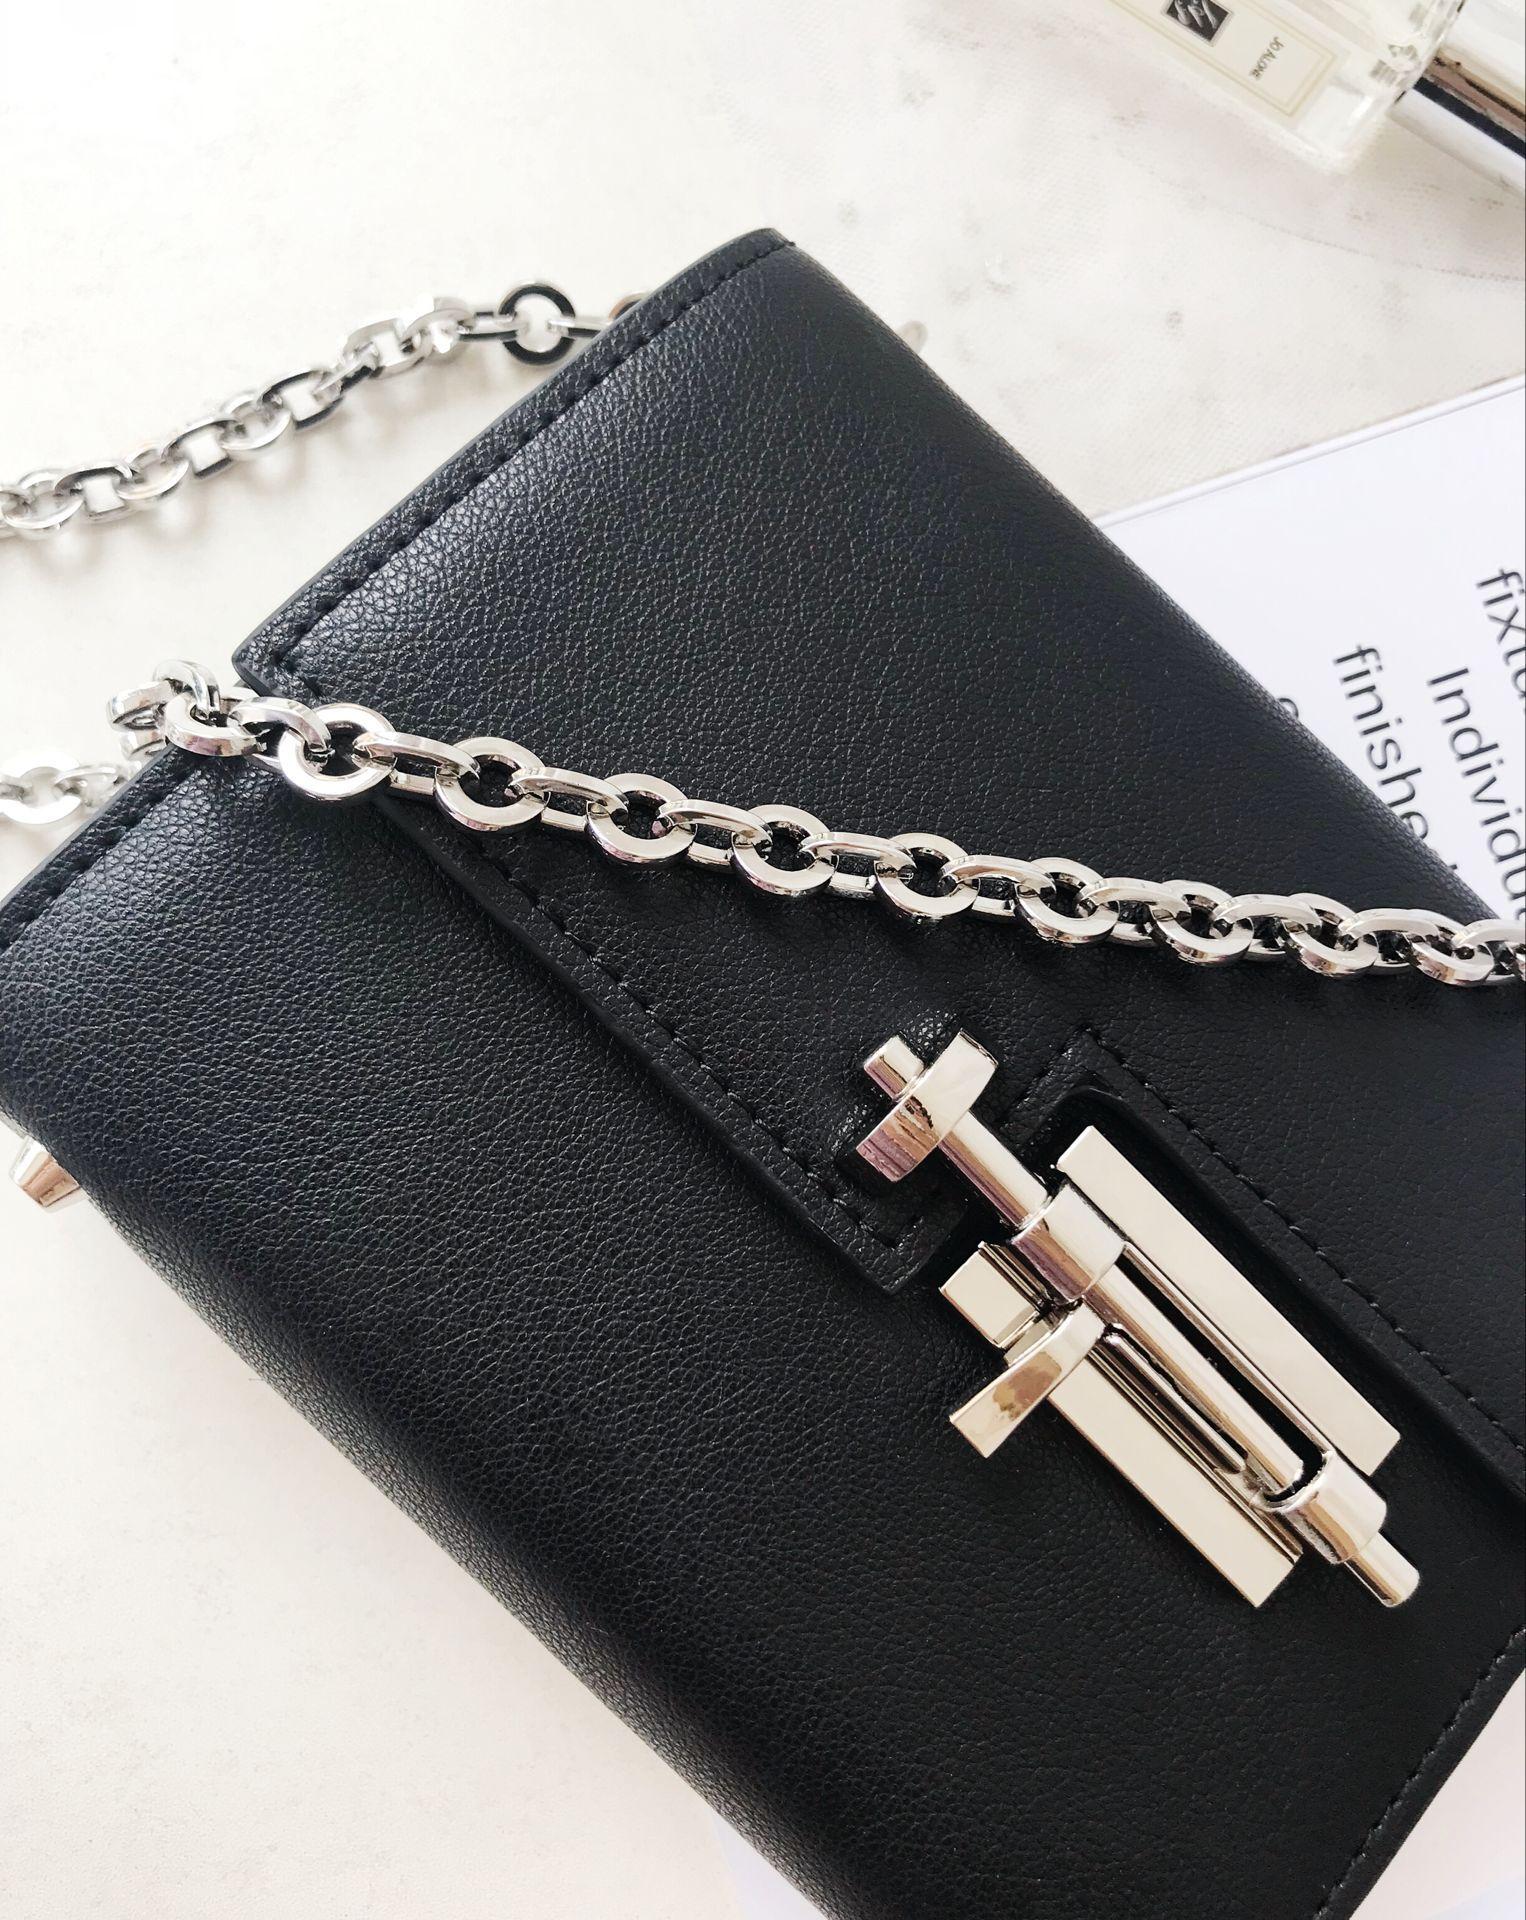 Marka prawdziwe skórzane Crossbody torba na co dzień torby na ramię srebrne łańcuszki czarny flap torba Bolsa Sac zachód projektanci Mini torby w Torebki na ramię od Bagaże i torby na  Grupa 2